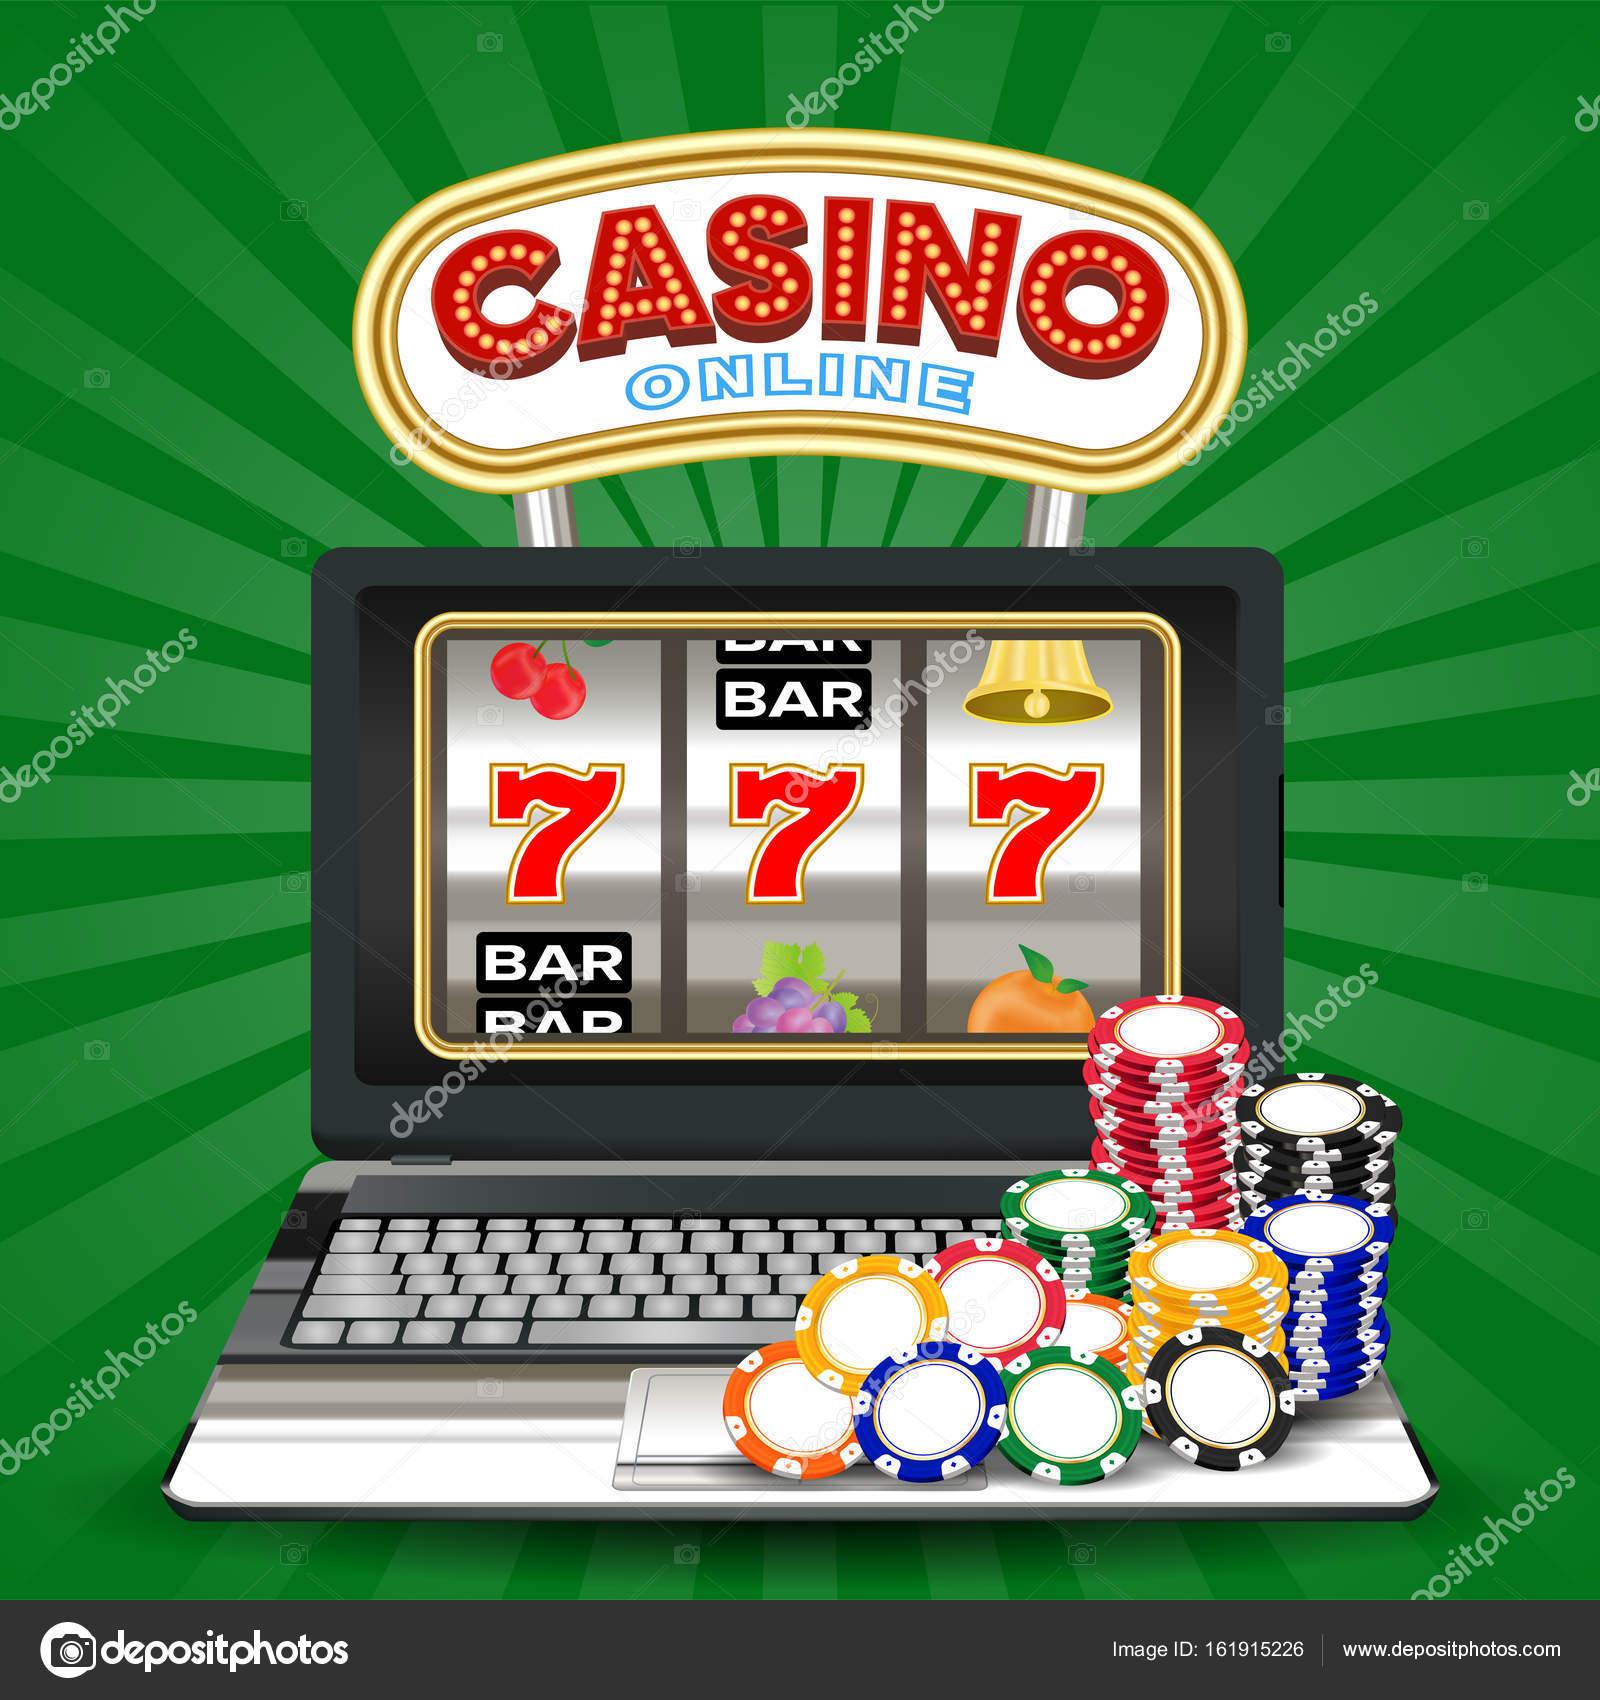 Слоты онлайн бесплатно казино сибирская рулетка смотреть онлайн hd